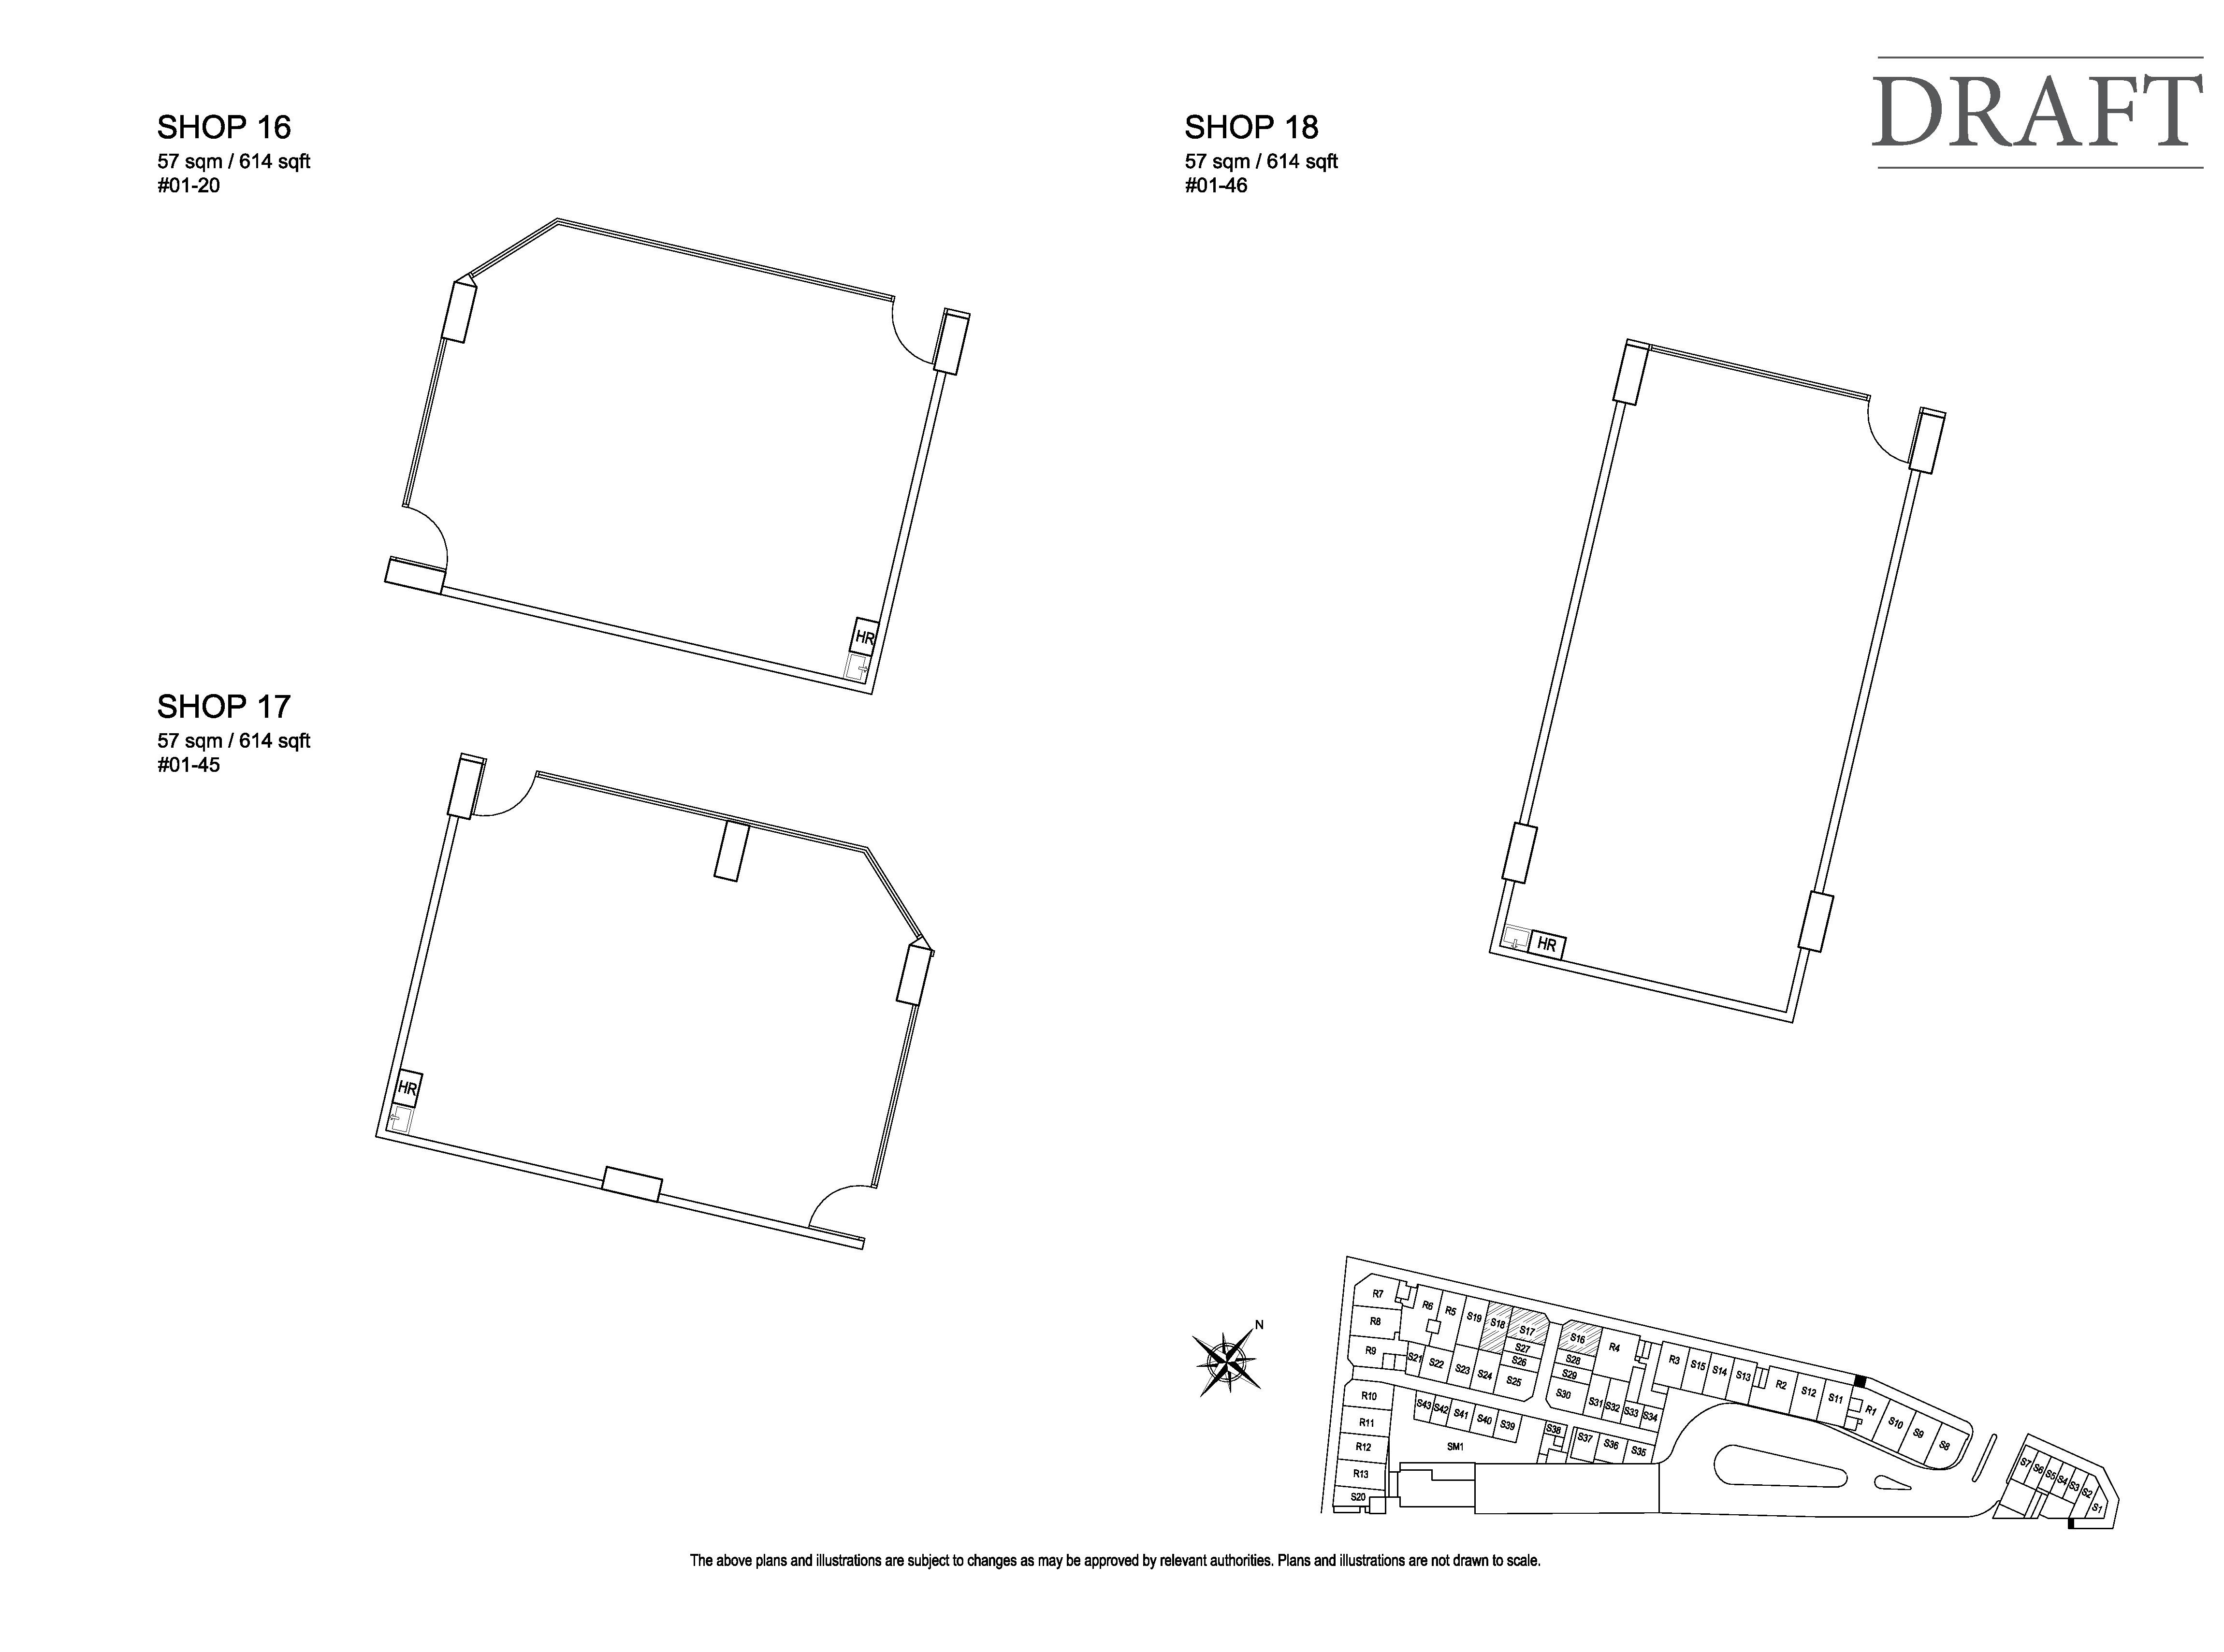 Kensington Square Shop 16,17,18 Floor Plans